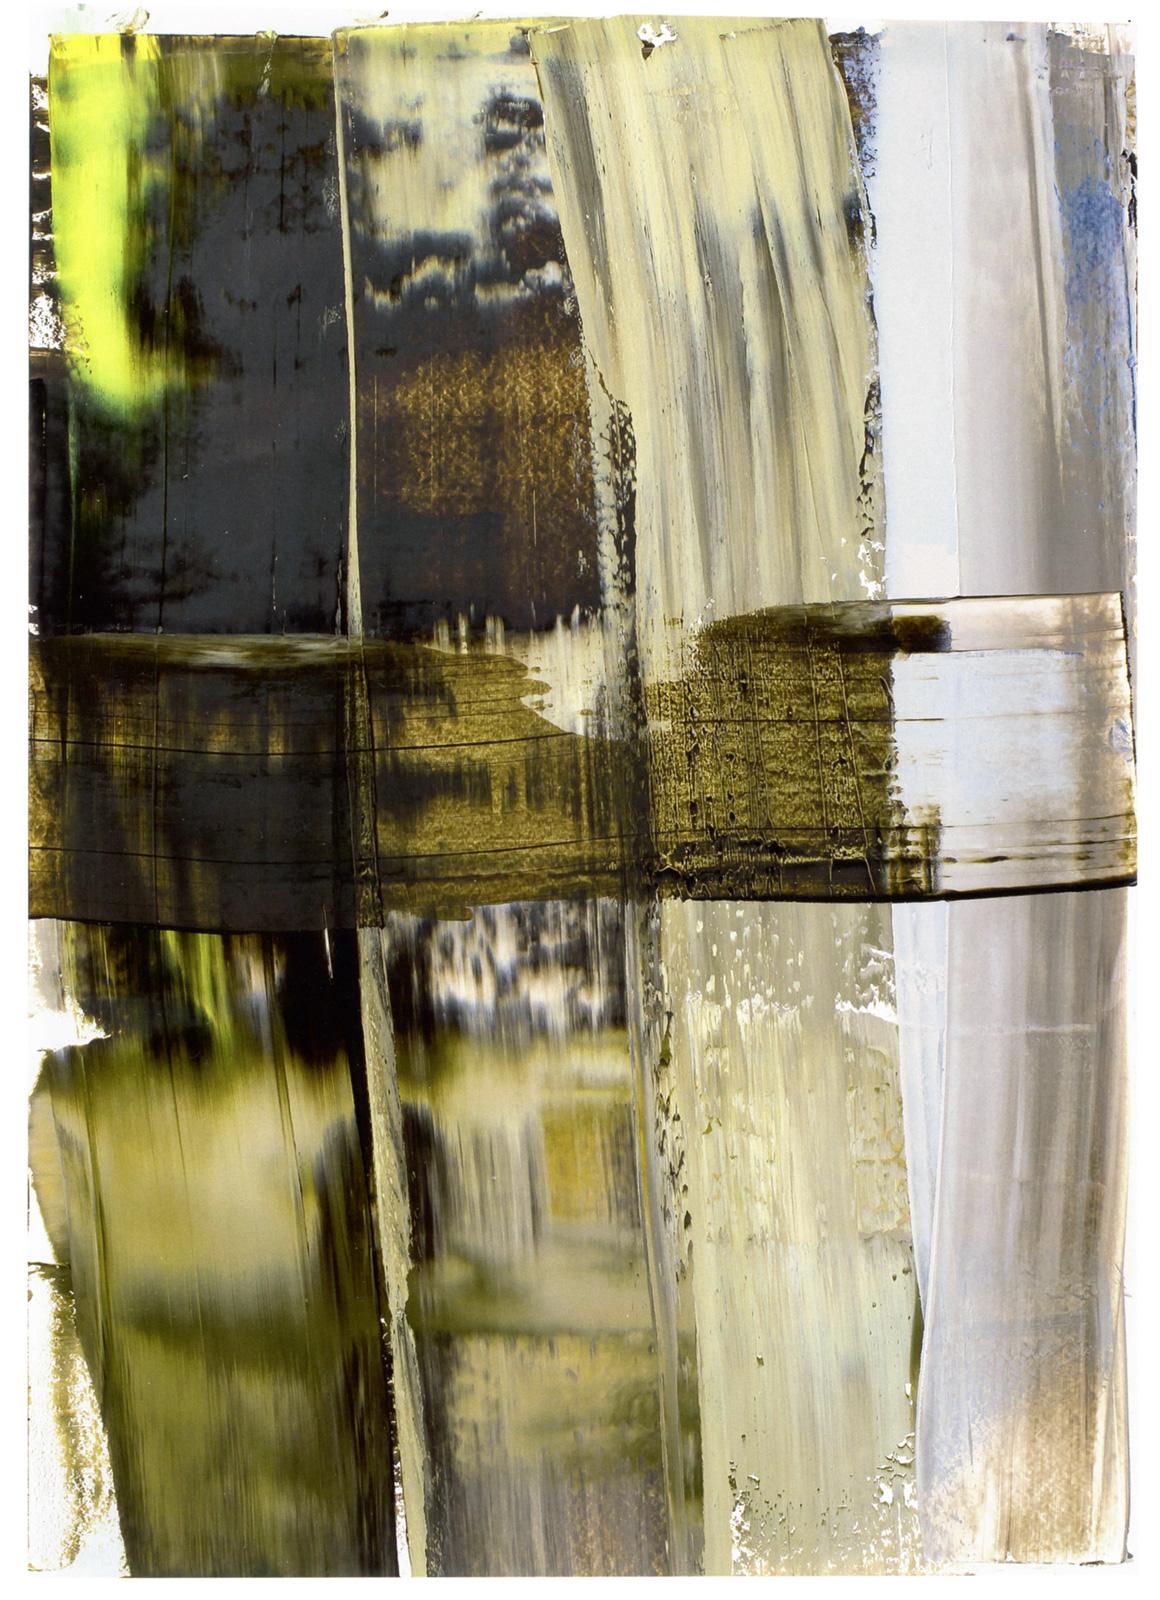 Braunlage, Öl auf Papier, 51x36cm, 2016